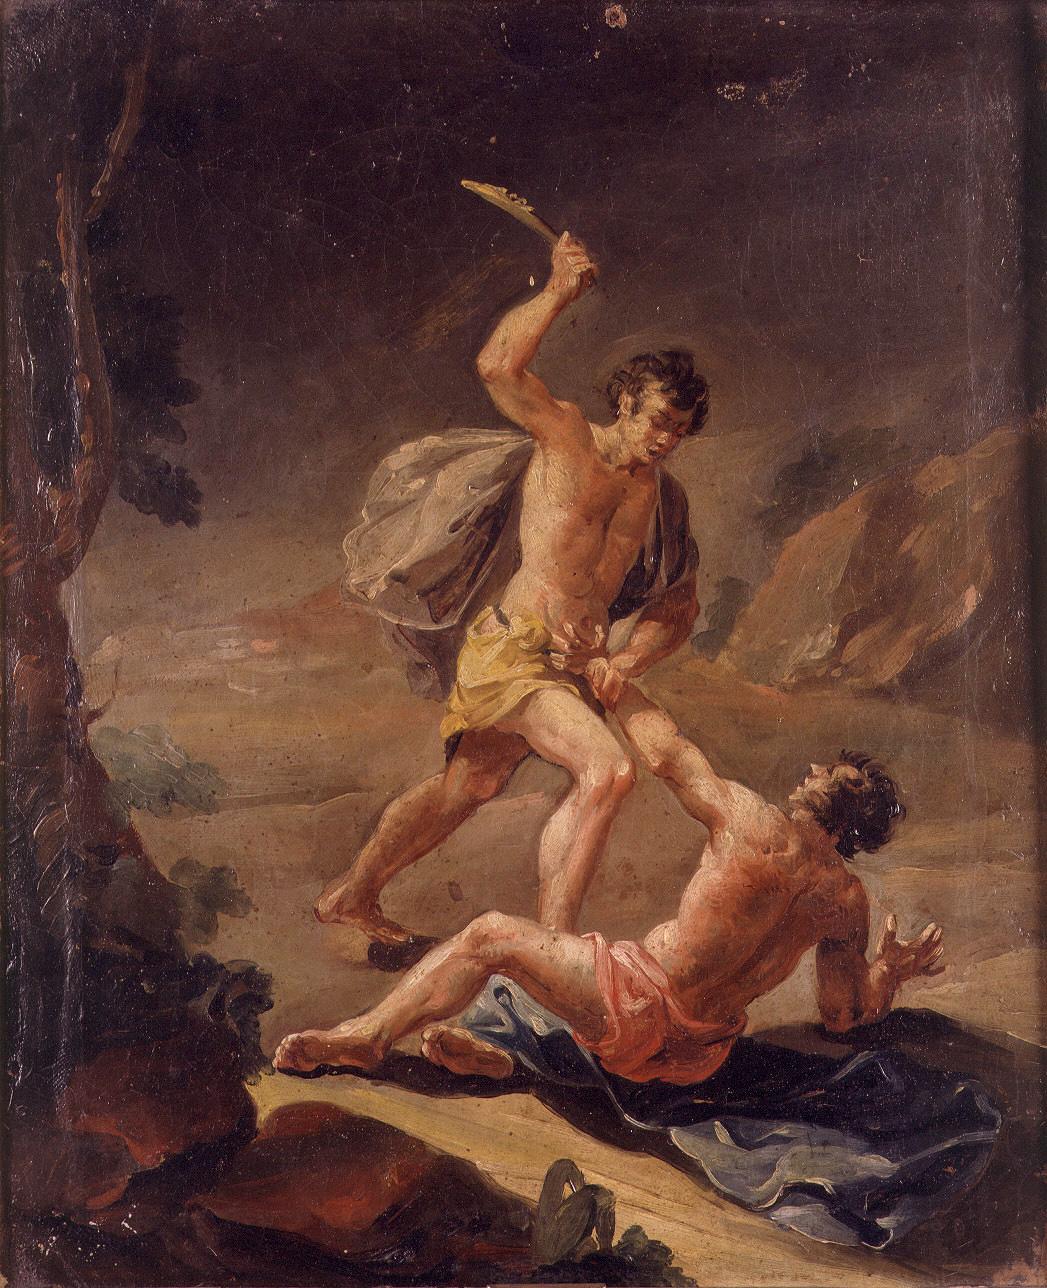 Cain Kills Abel The First Class War